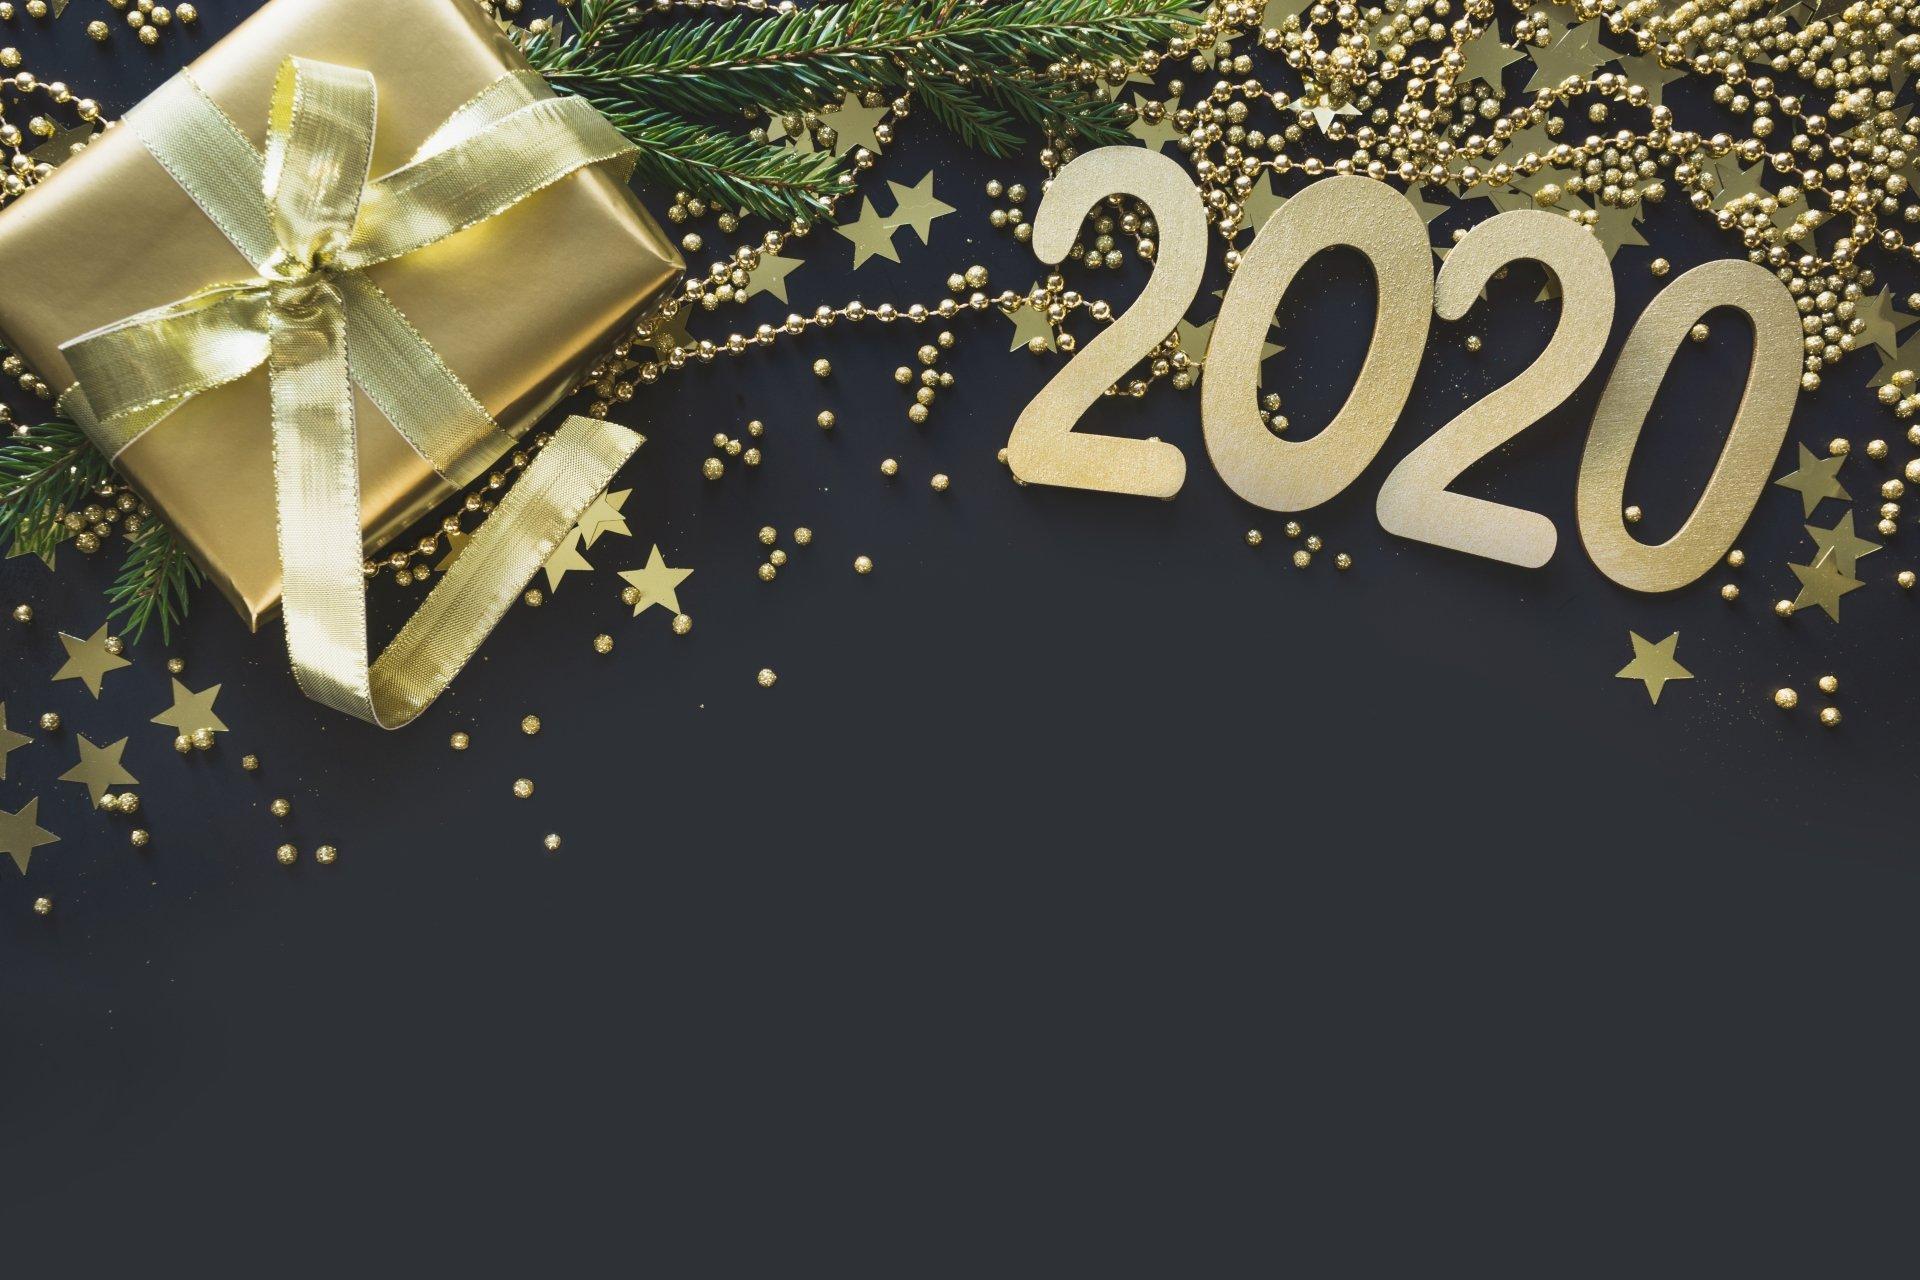 Hình ảnh chúc mừng năm mới - Happy New Year 2020 đẹp số 19